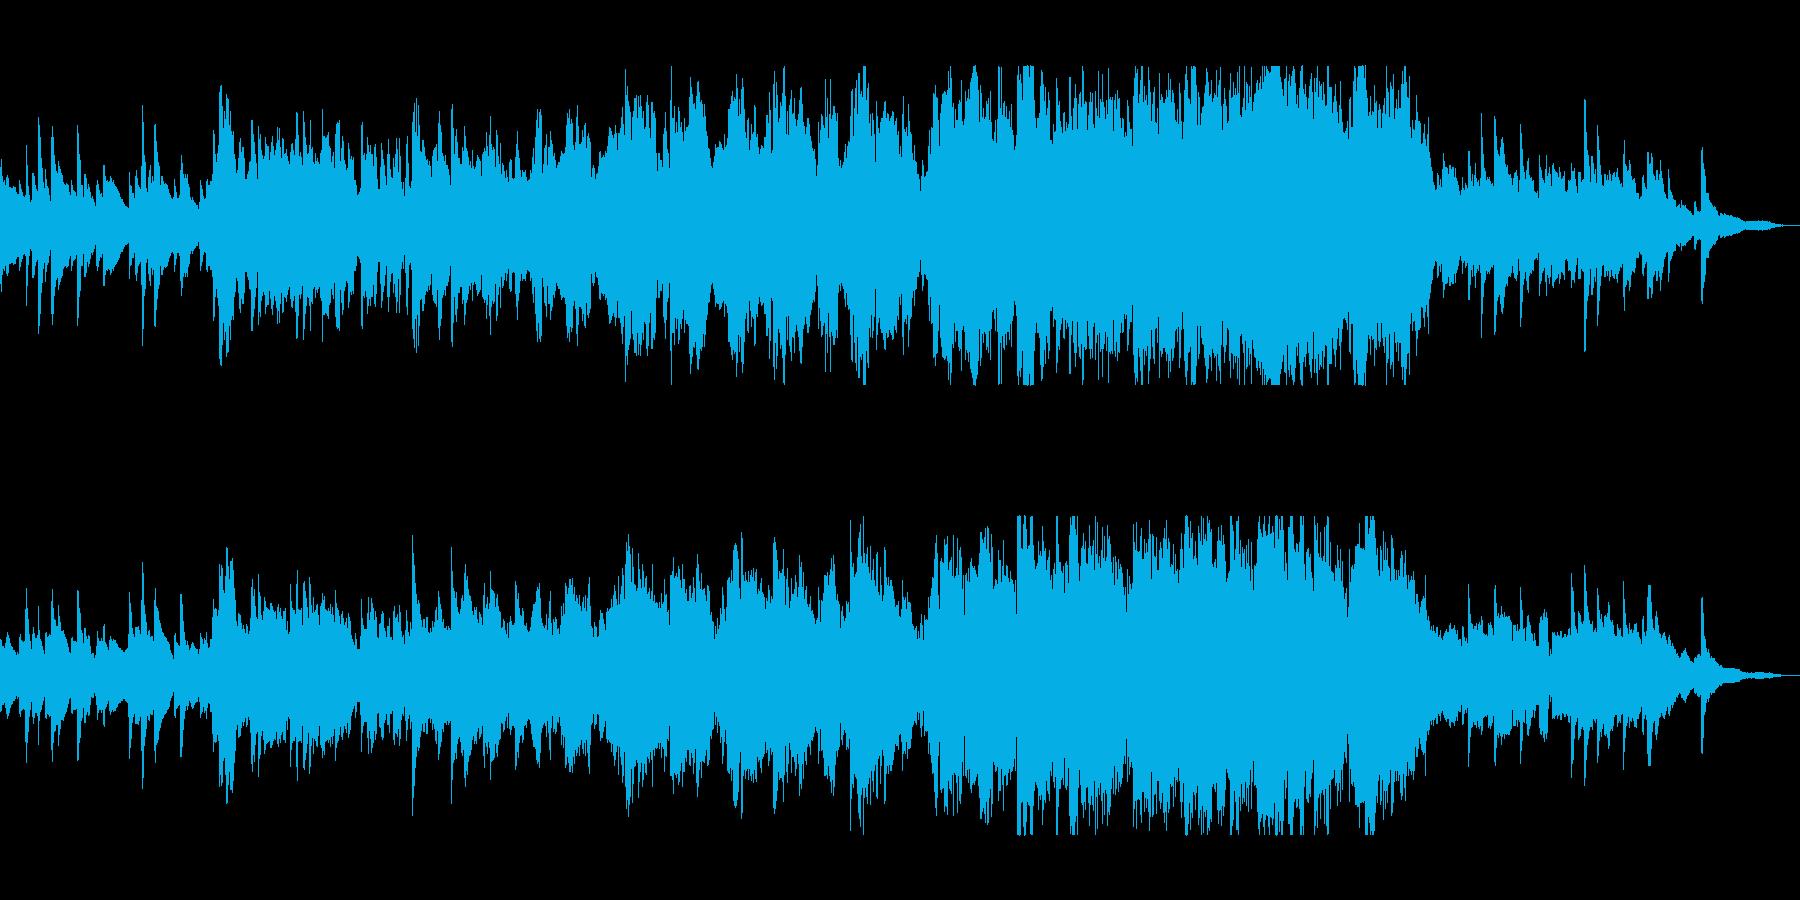 優しく美しいピアノバイオリンサウンドの再生済みの波形